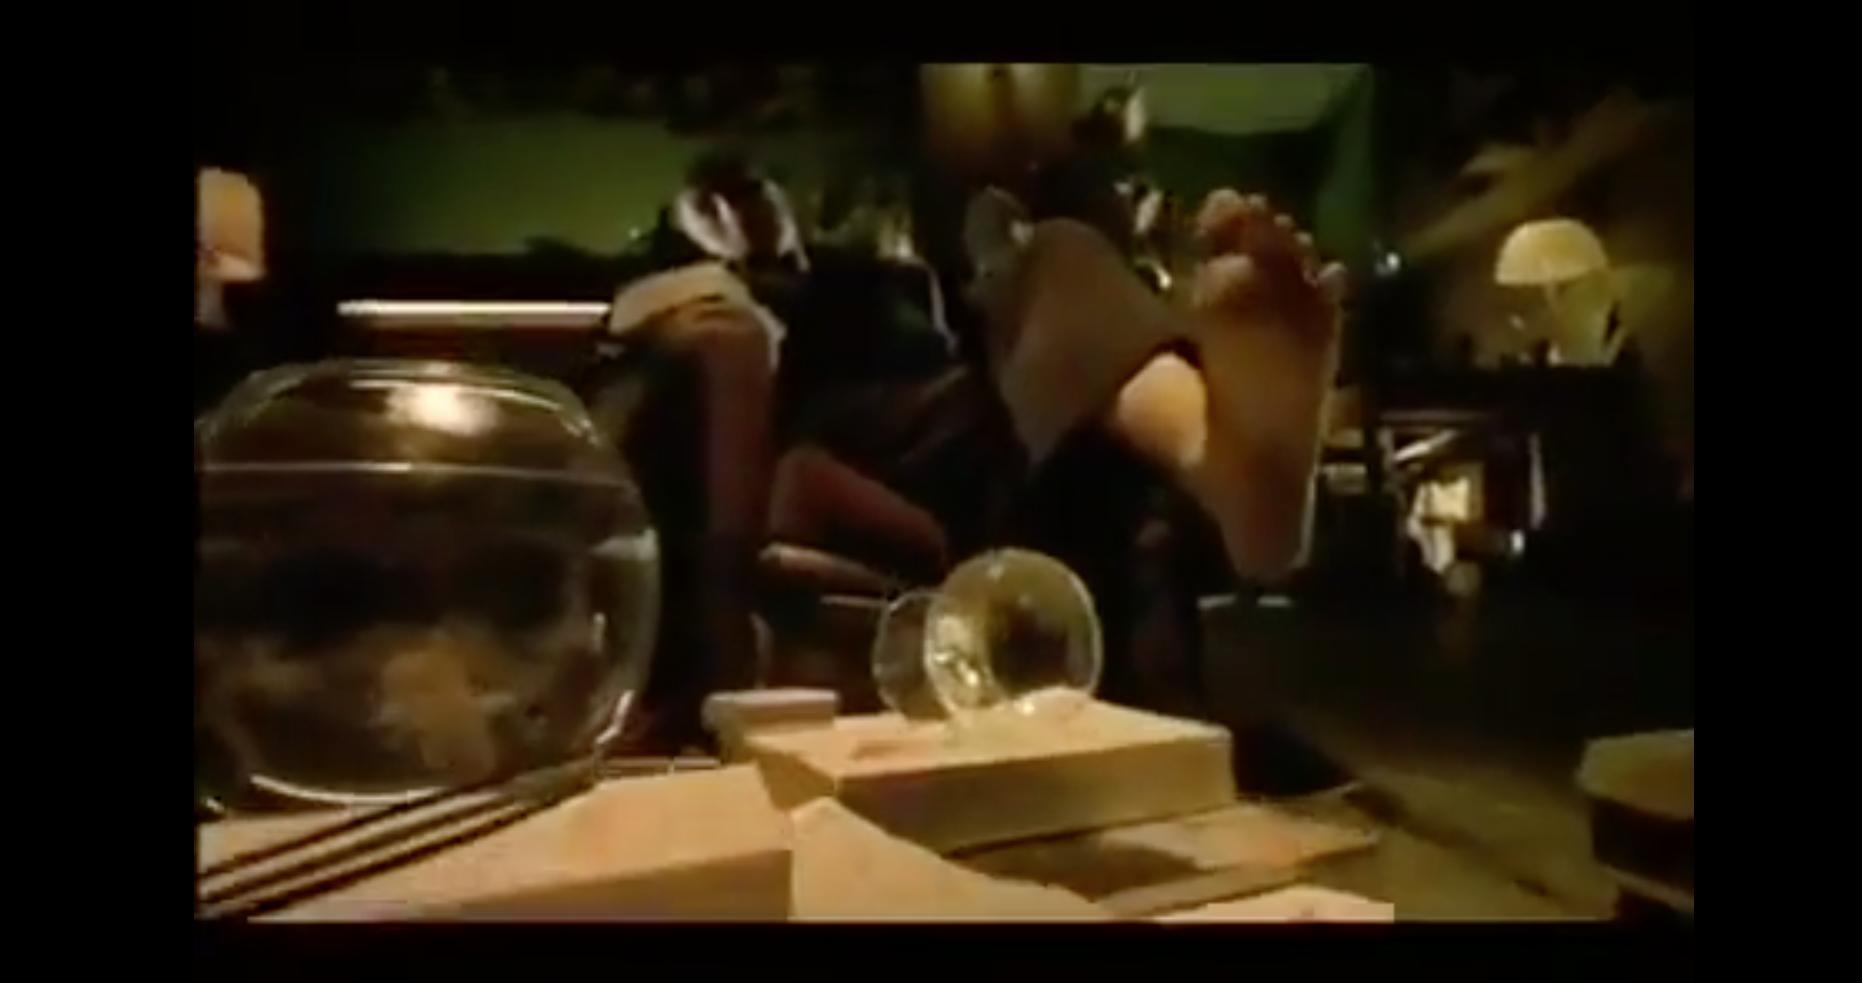 Le pied (2003)